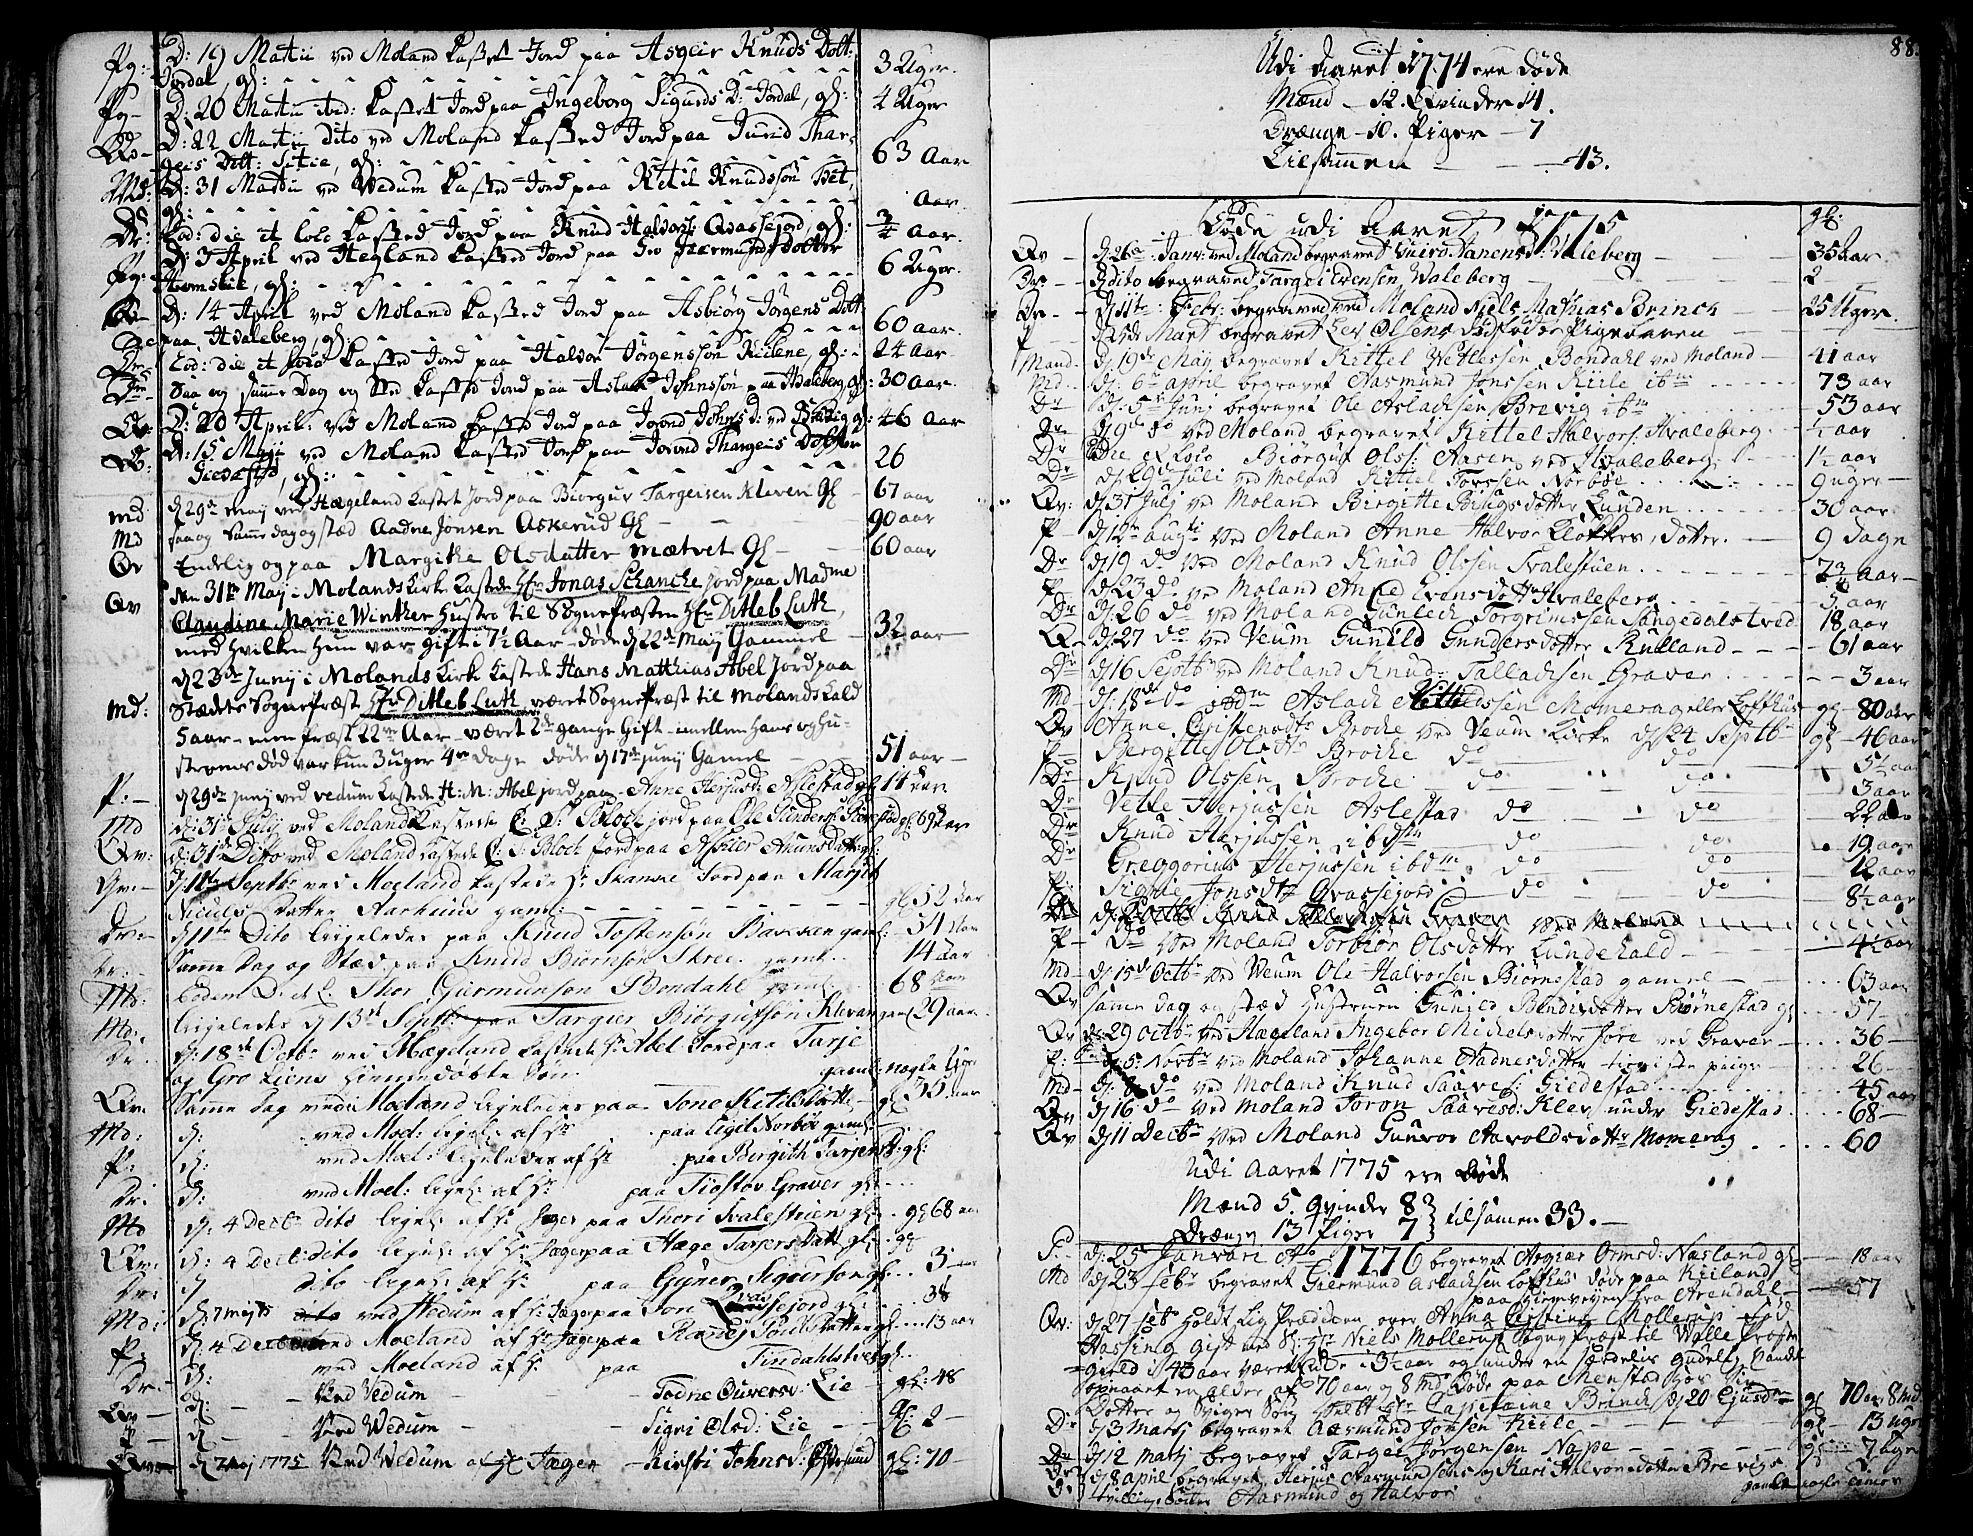 SAKO, Fyresdal kirkebøker, F/Fa/L0002: Ministerialbok nr. I 2, 1769-1814, s. 88